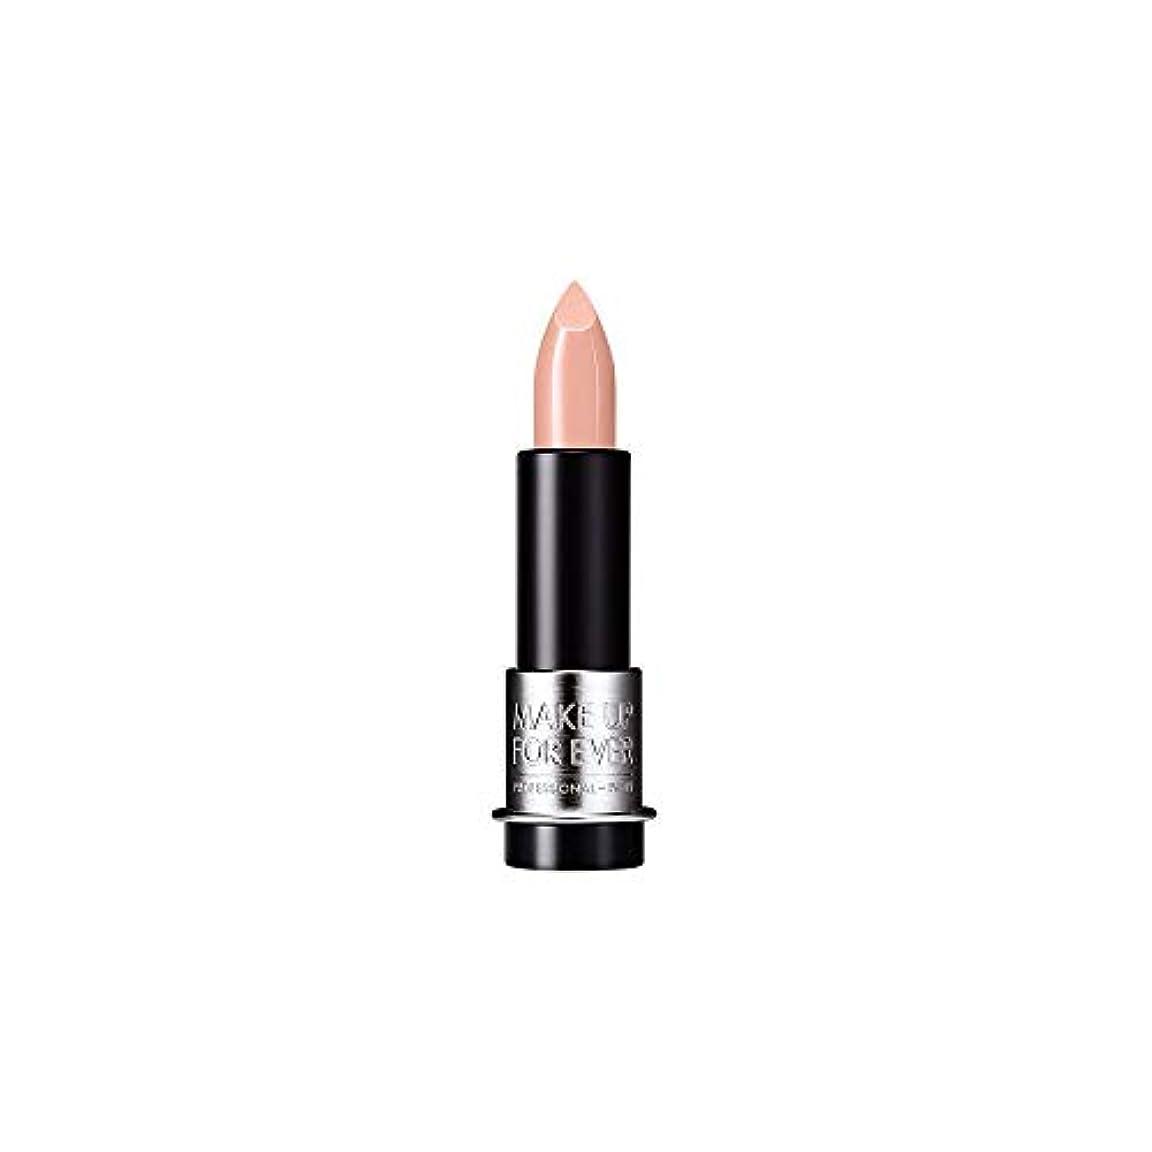 変な決定的理容師[MAKE UP FOR EVER] ヌードベージュ - これまでアーティストルージュクリーム口紅3.5グラムのC103を補います - MAKE UP FOR EVER Artist Rouge Creme Lipstick...